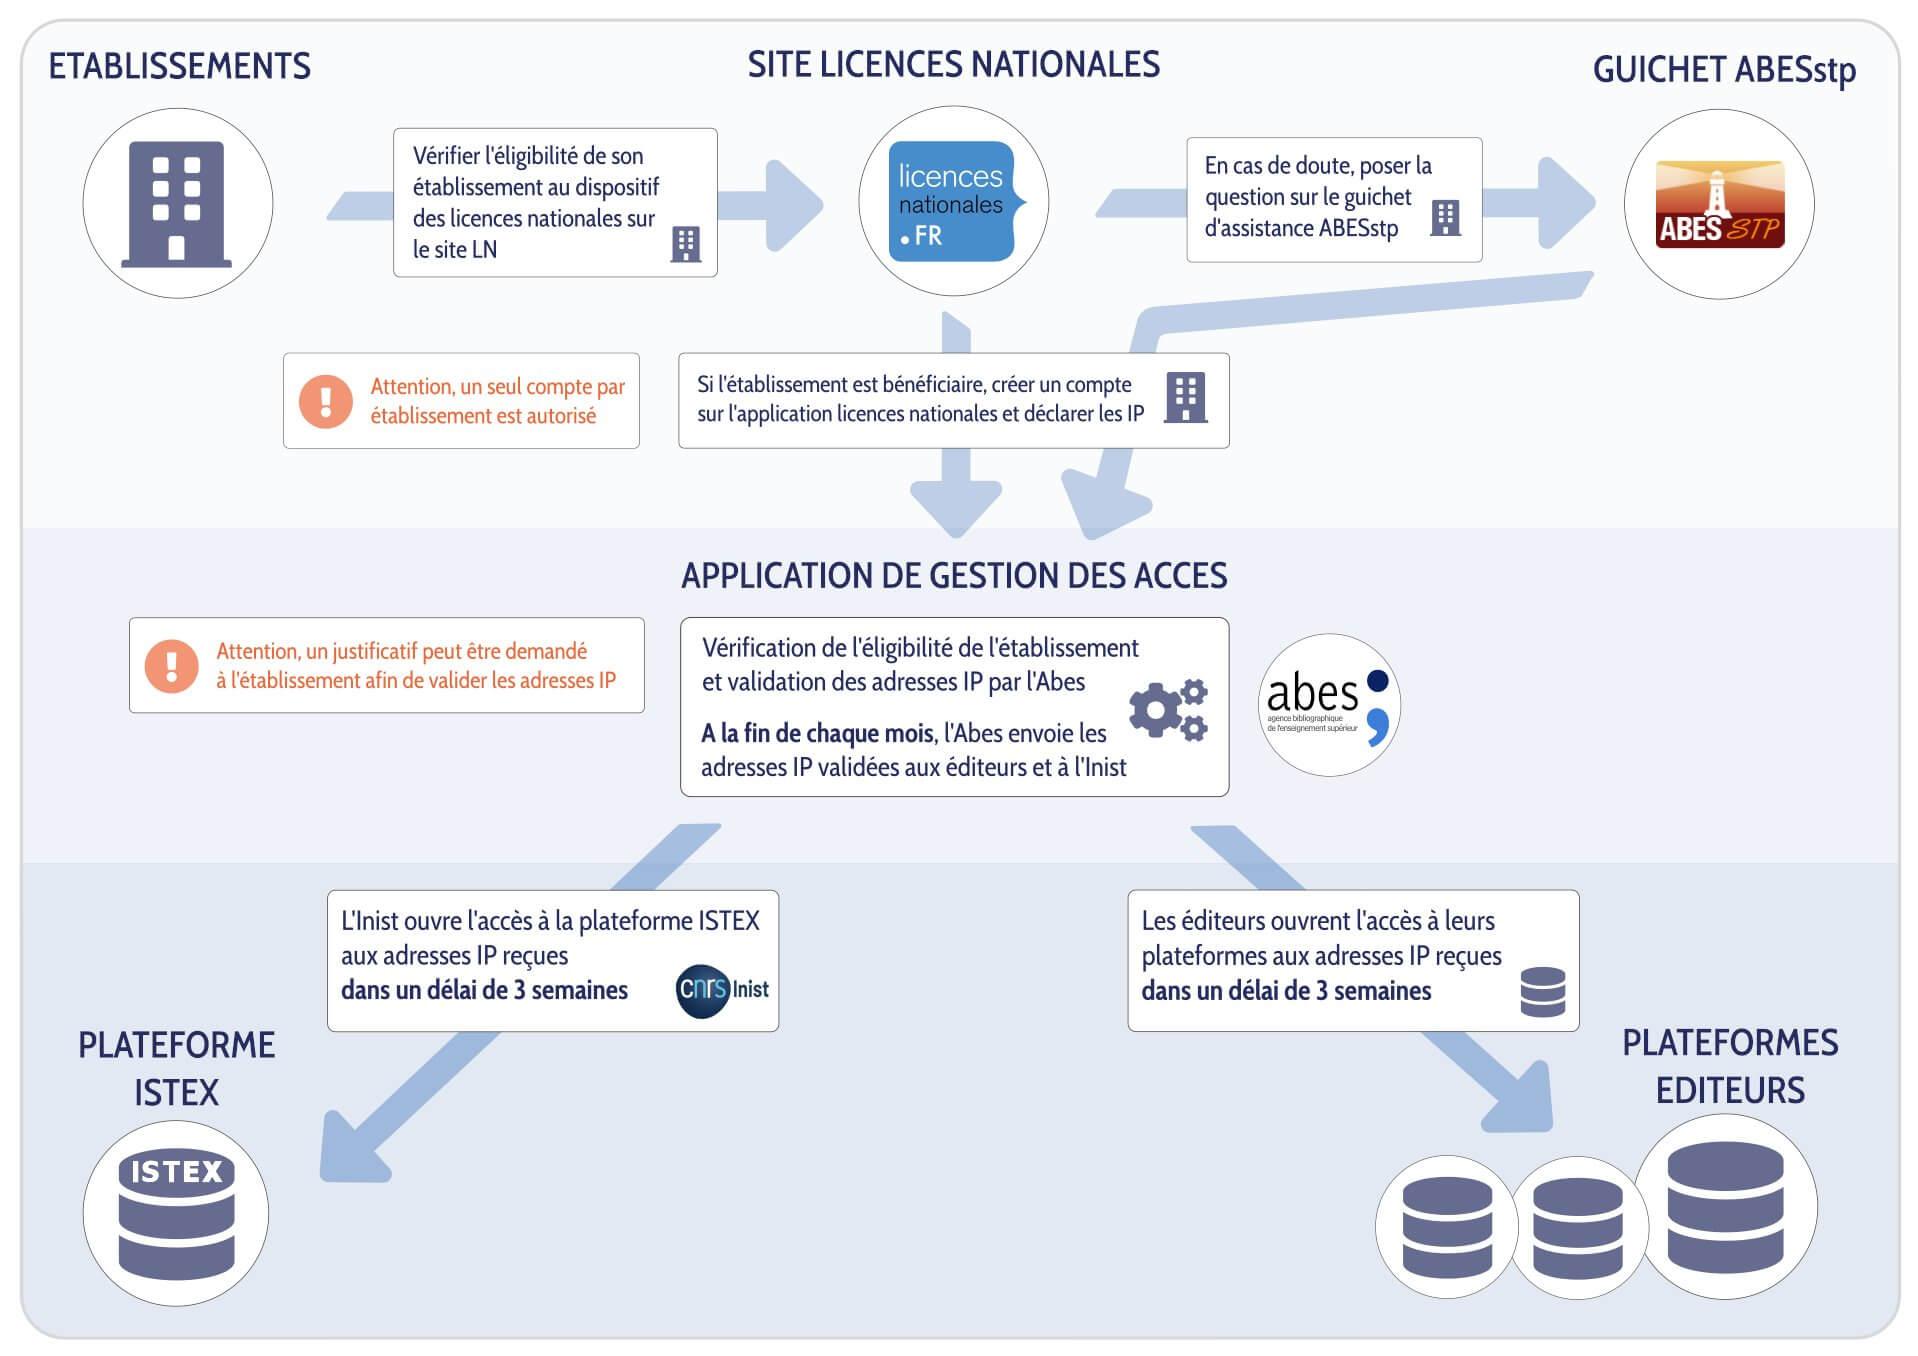 Schéma synoptique de la démarche d'ouvertures des accès aux licences nationales